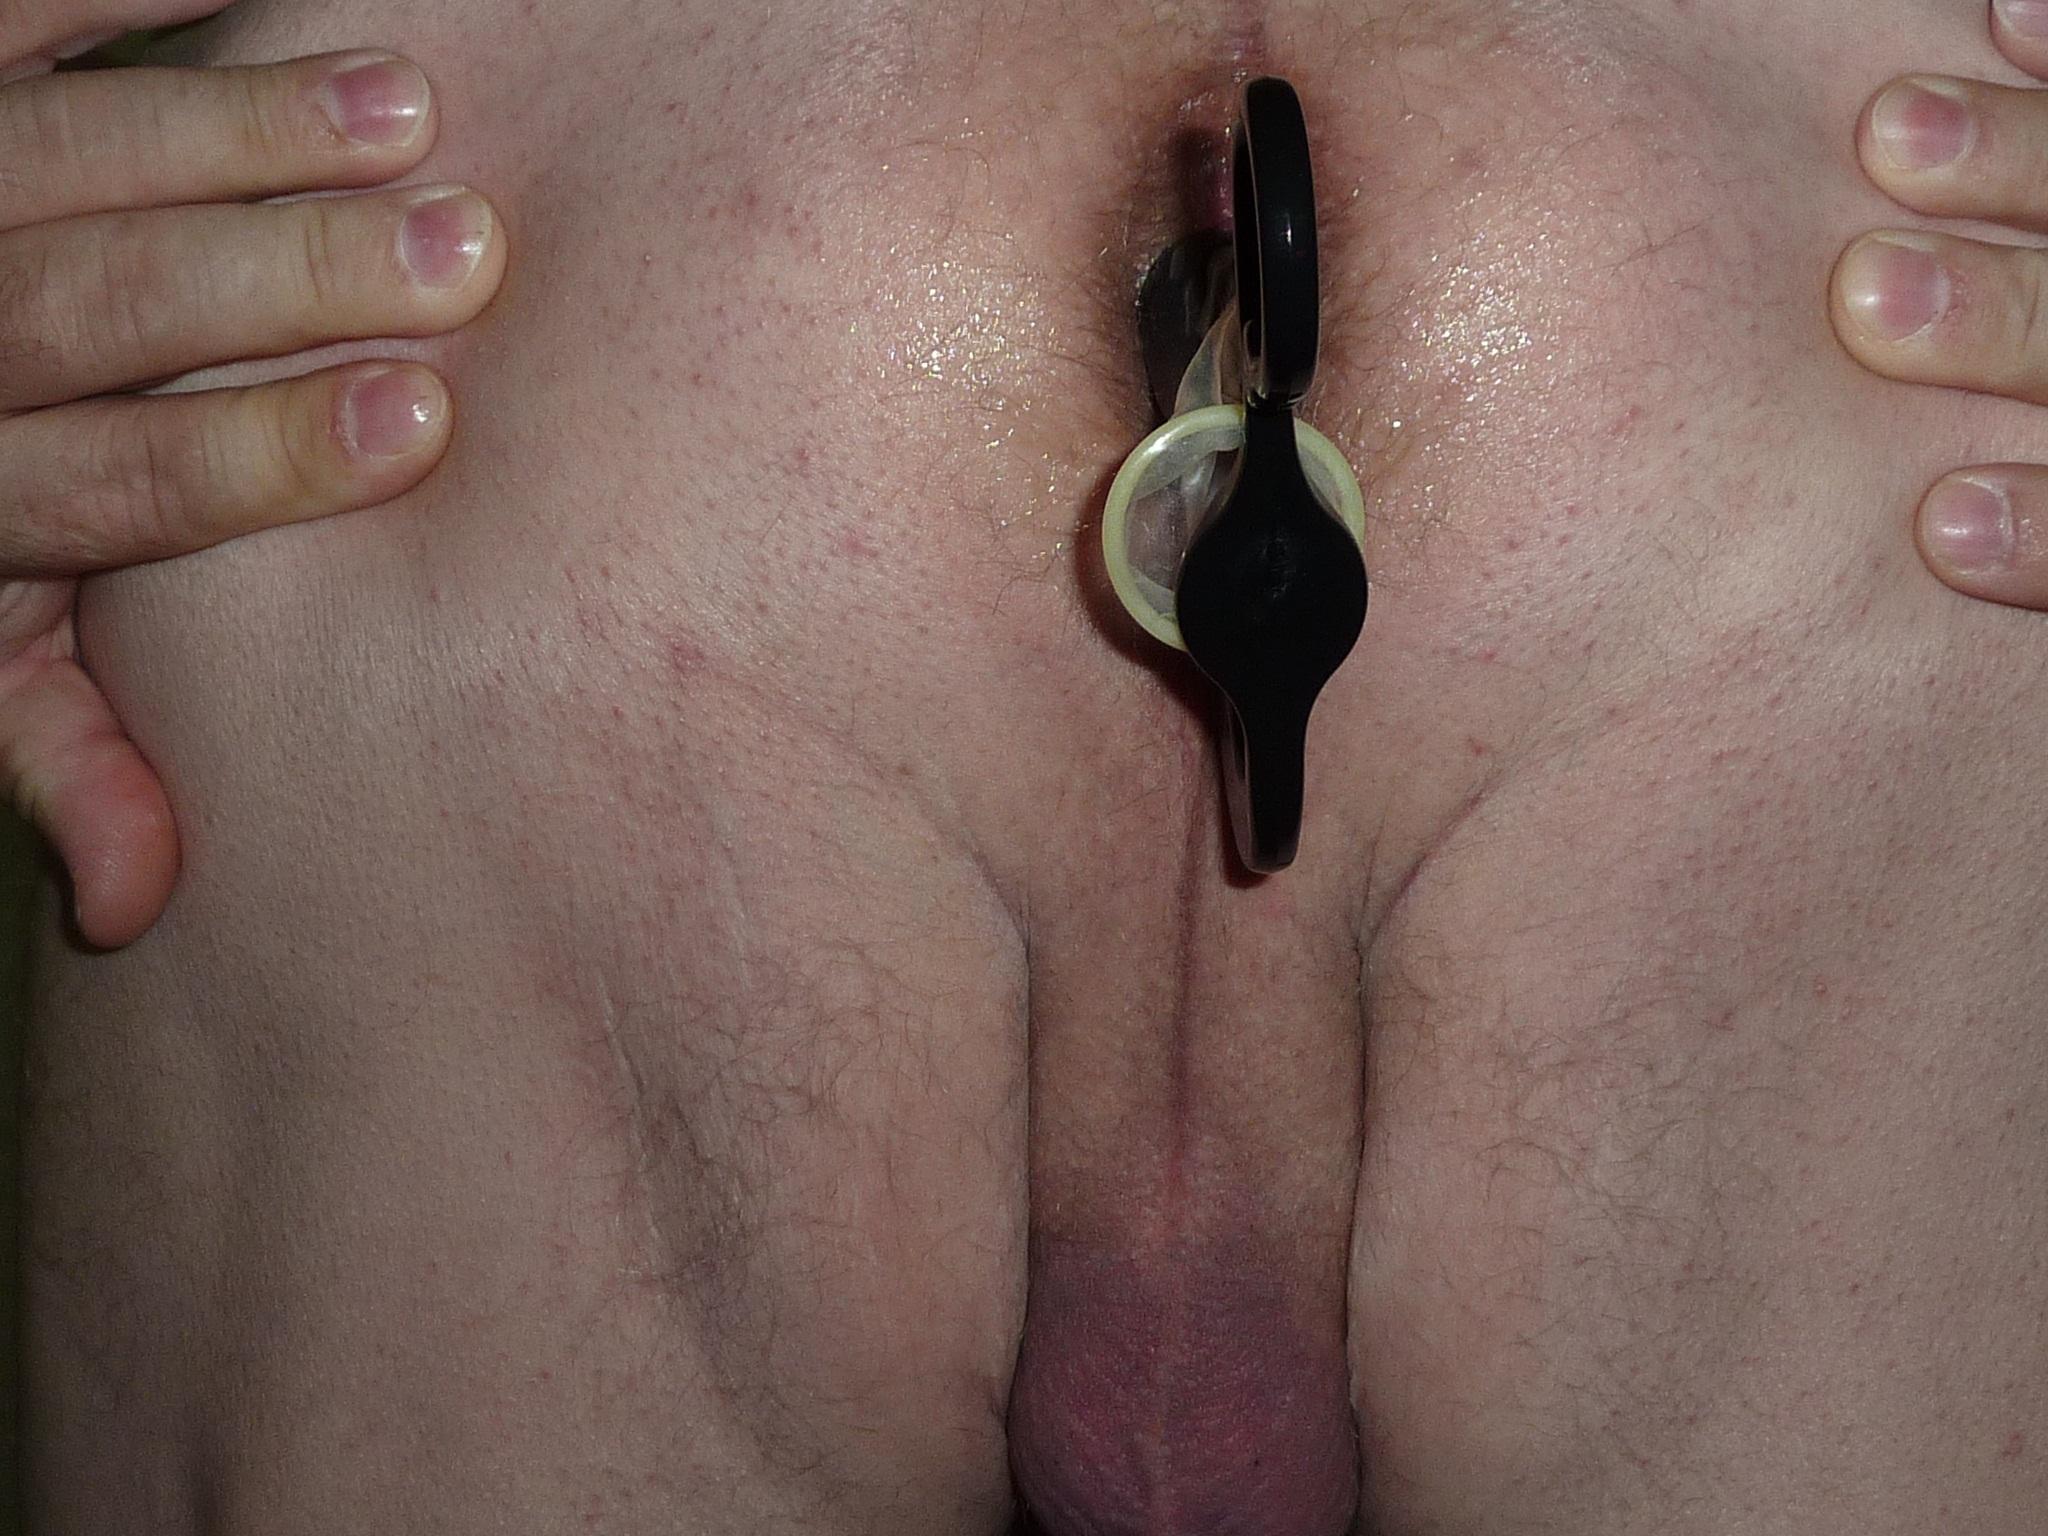 natursekt bilder prostata vibrator